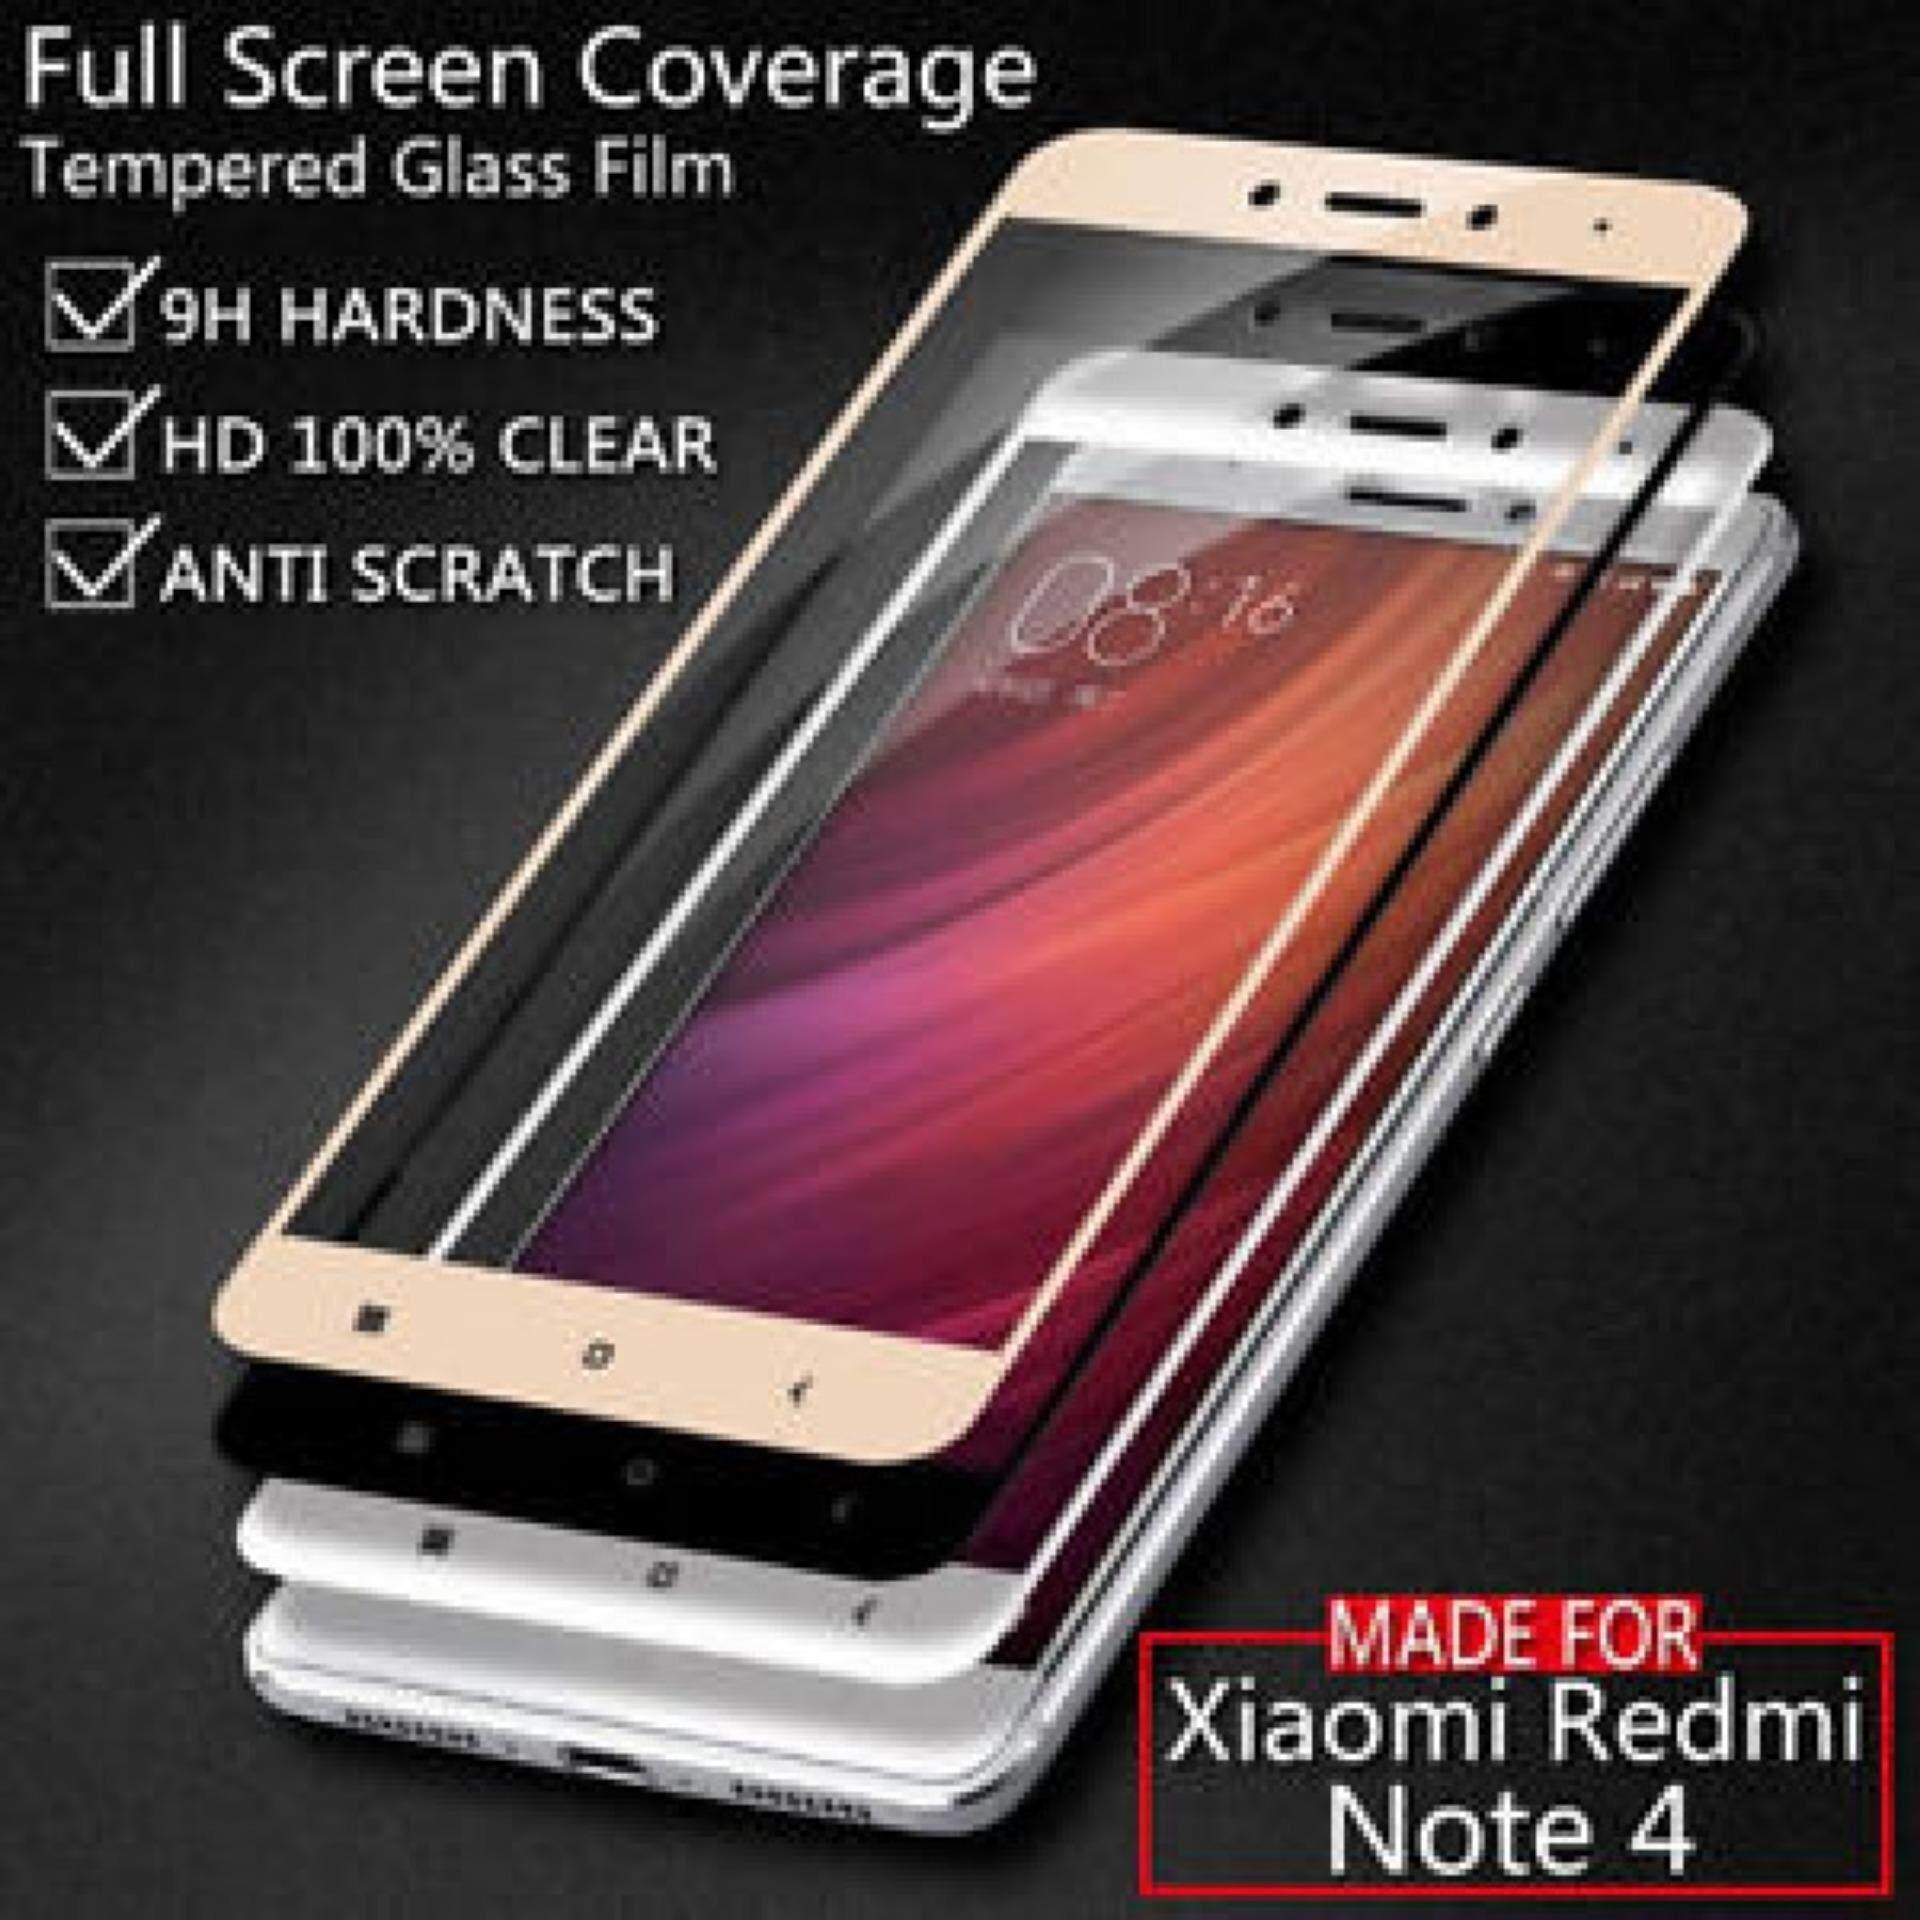 Case Ume Original List Iring Hardcase Sim Armor For Xiaomi Redmi 4a Note 2 Hitam 4 Prime Source